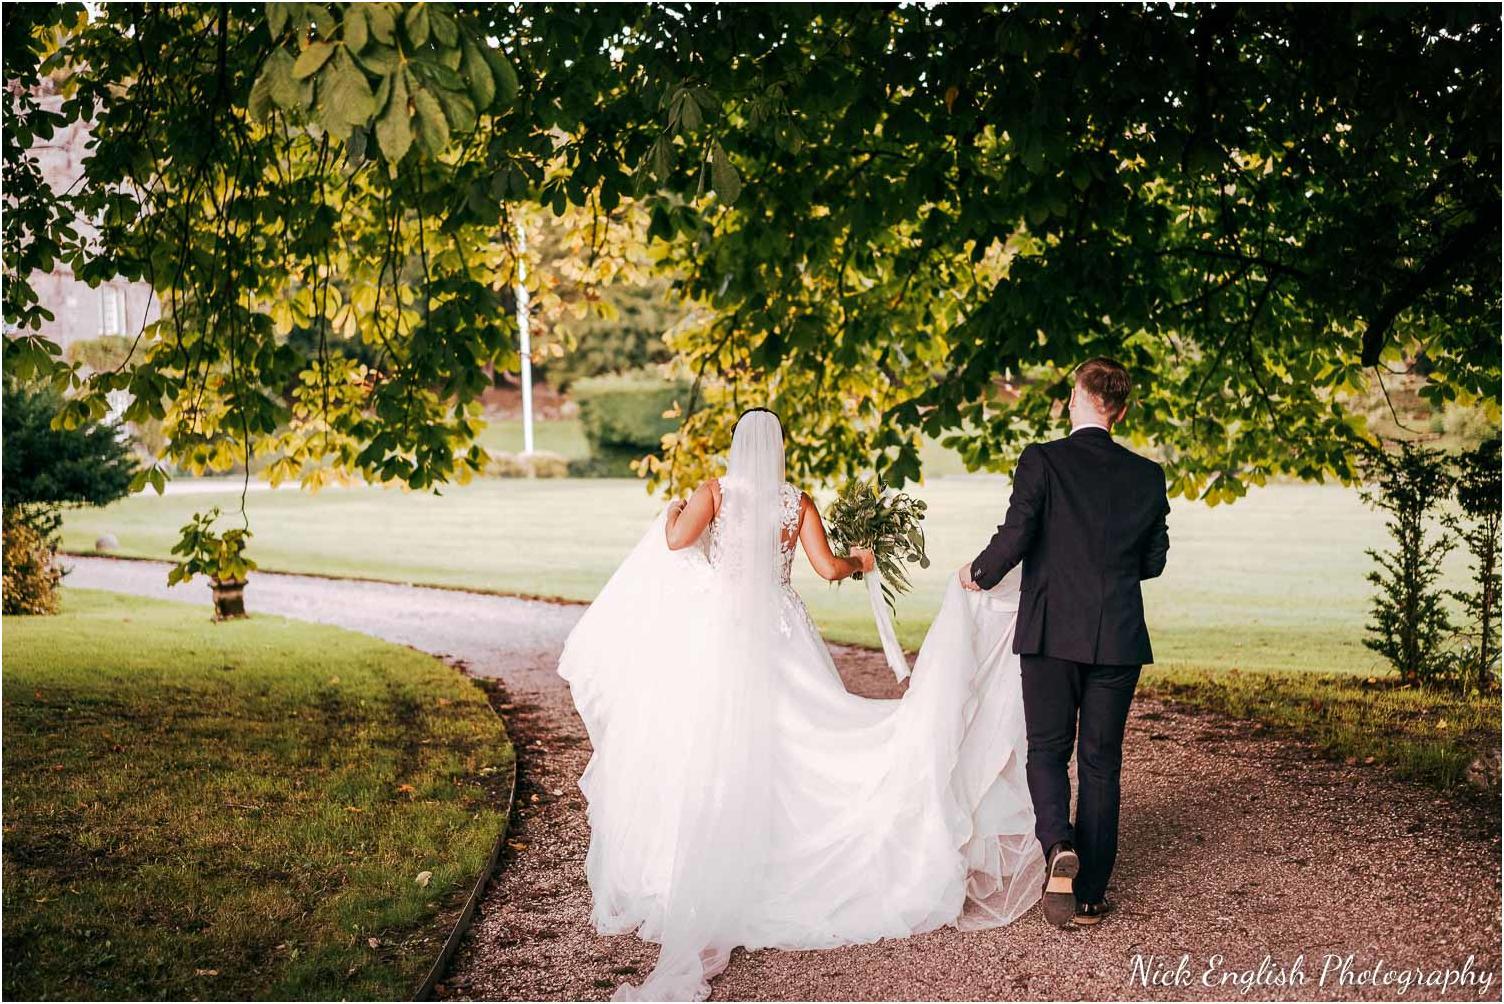 Browsholme_Hall_Barn_Wedding_Nick_English_Photography-161.jpg